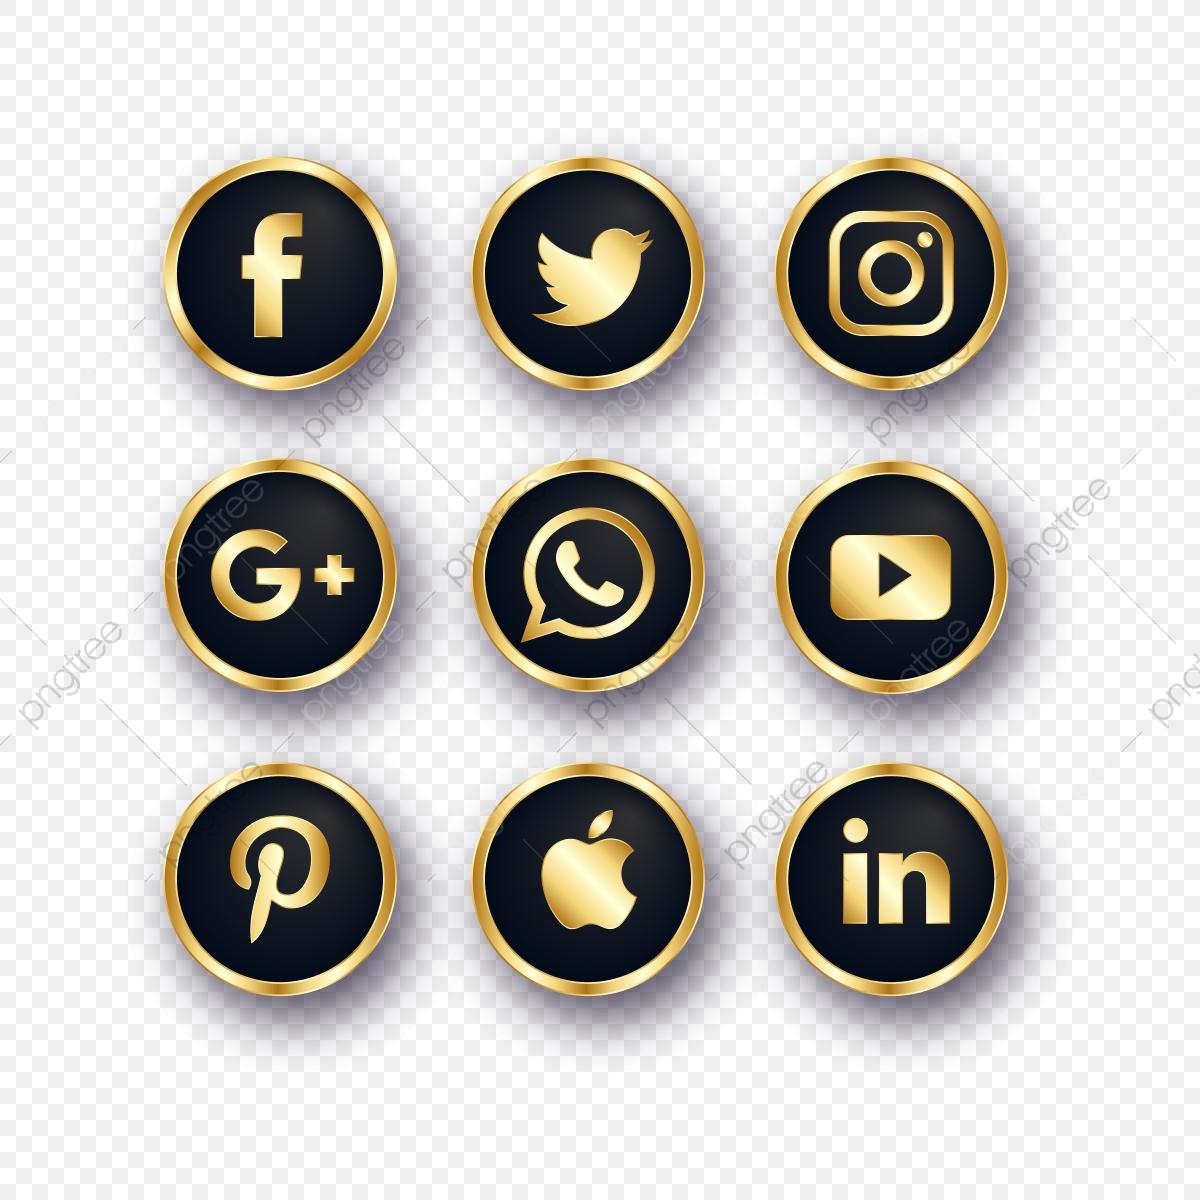 Golden Social Media Icons, Social Media Icons, Social Media, Social.